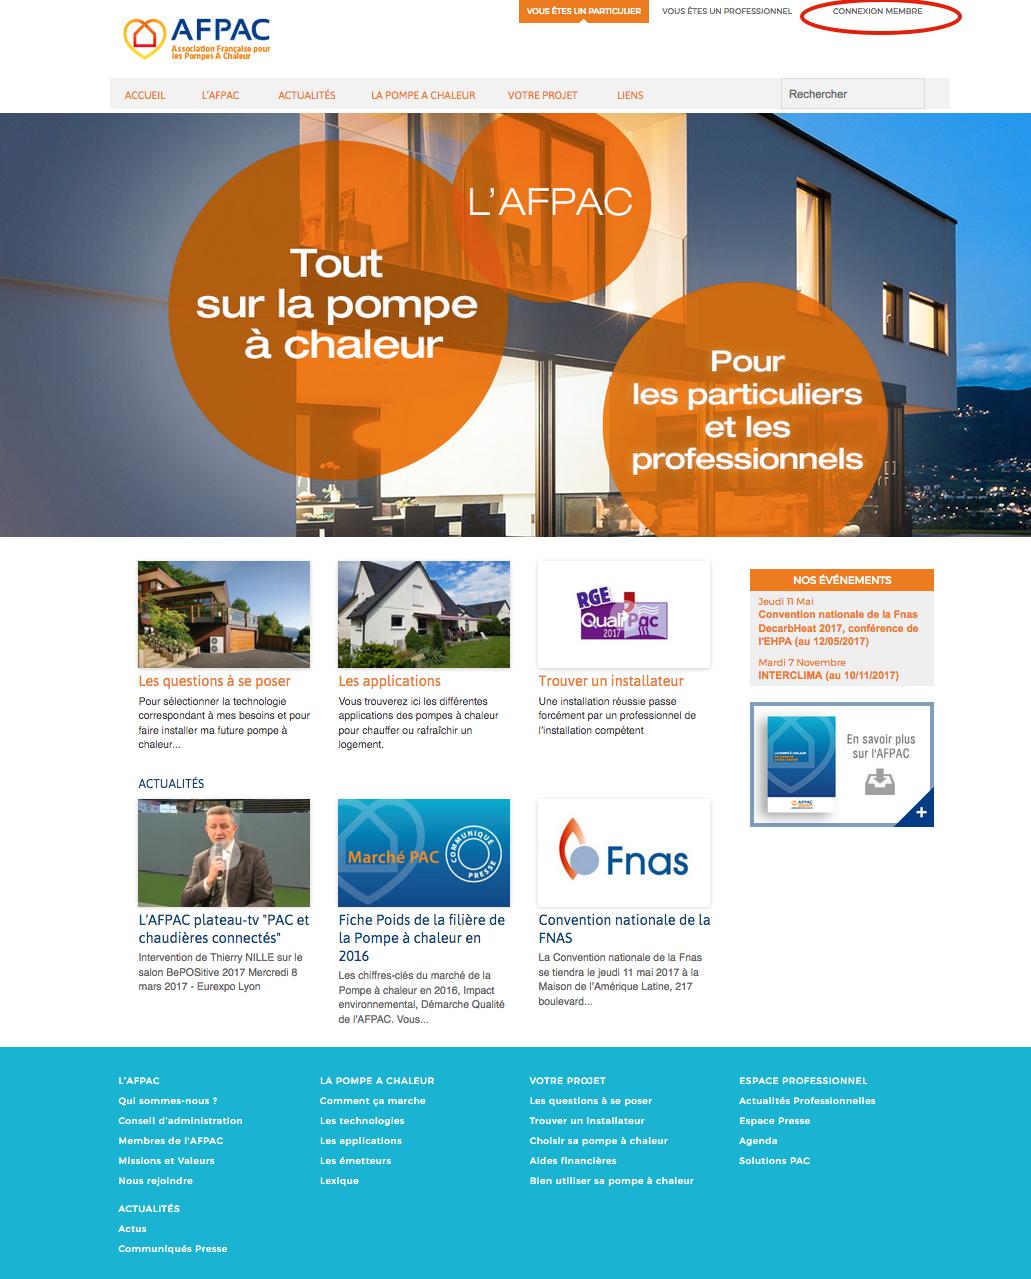 Bienvenue sur le nouveau site internet de l'AFPAC